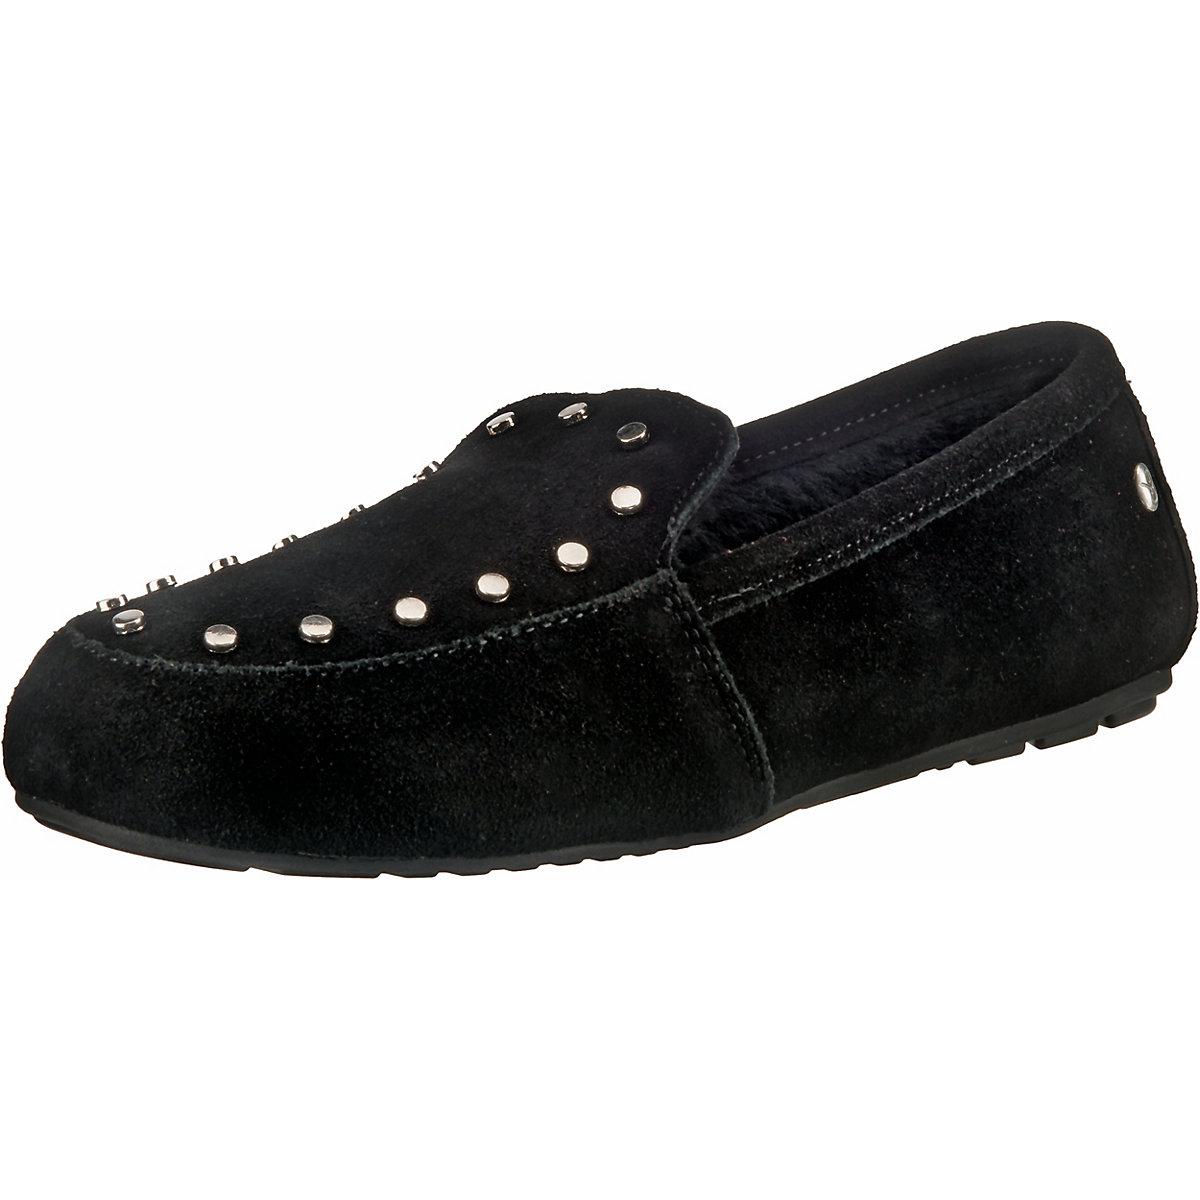 EMU Australia, Crossley Lammfell-Hausschuhe, schwarz  Gute Qualität beliebte Schuhe